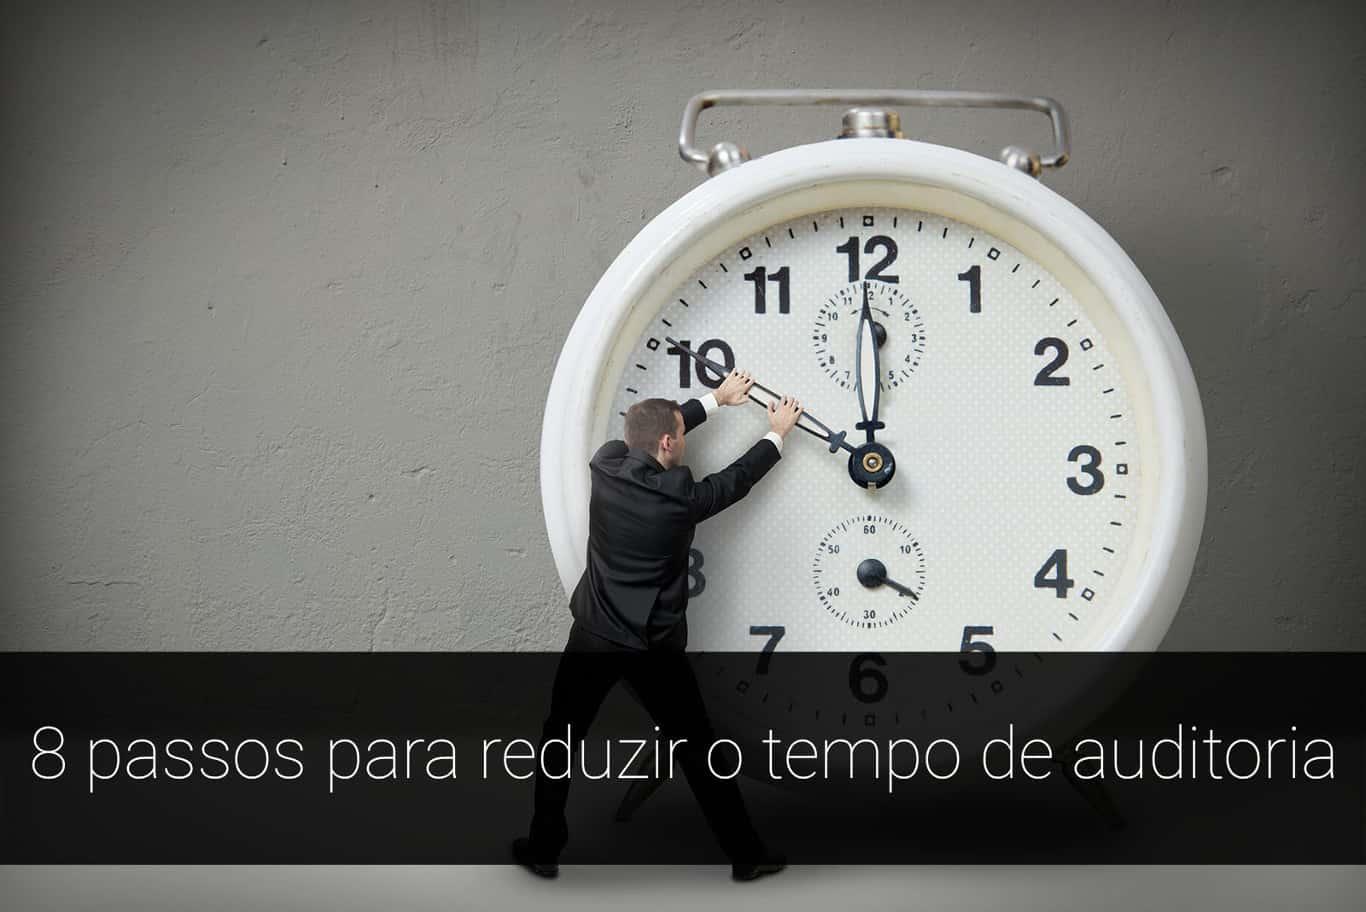 Dicas para reduzir o tempo de auditoria